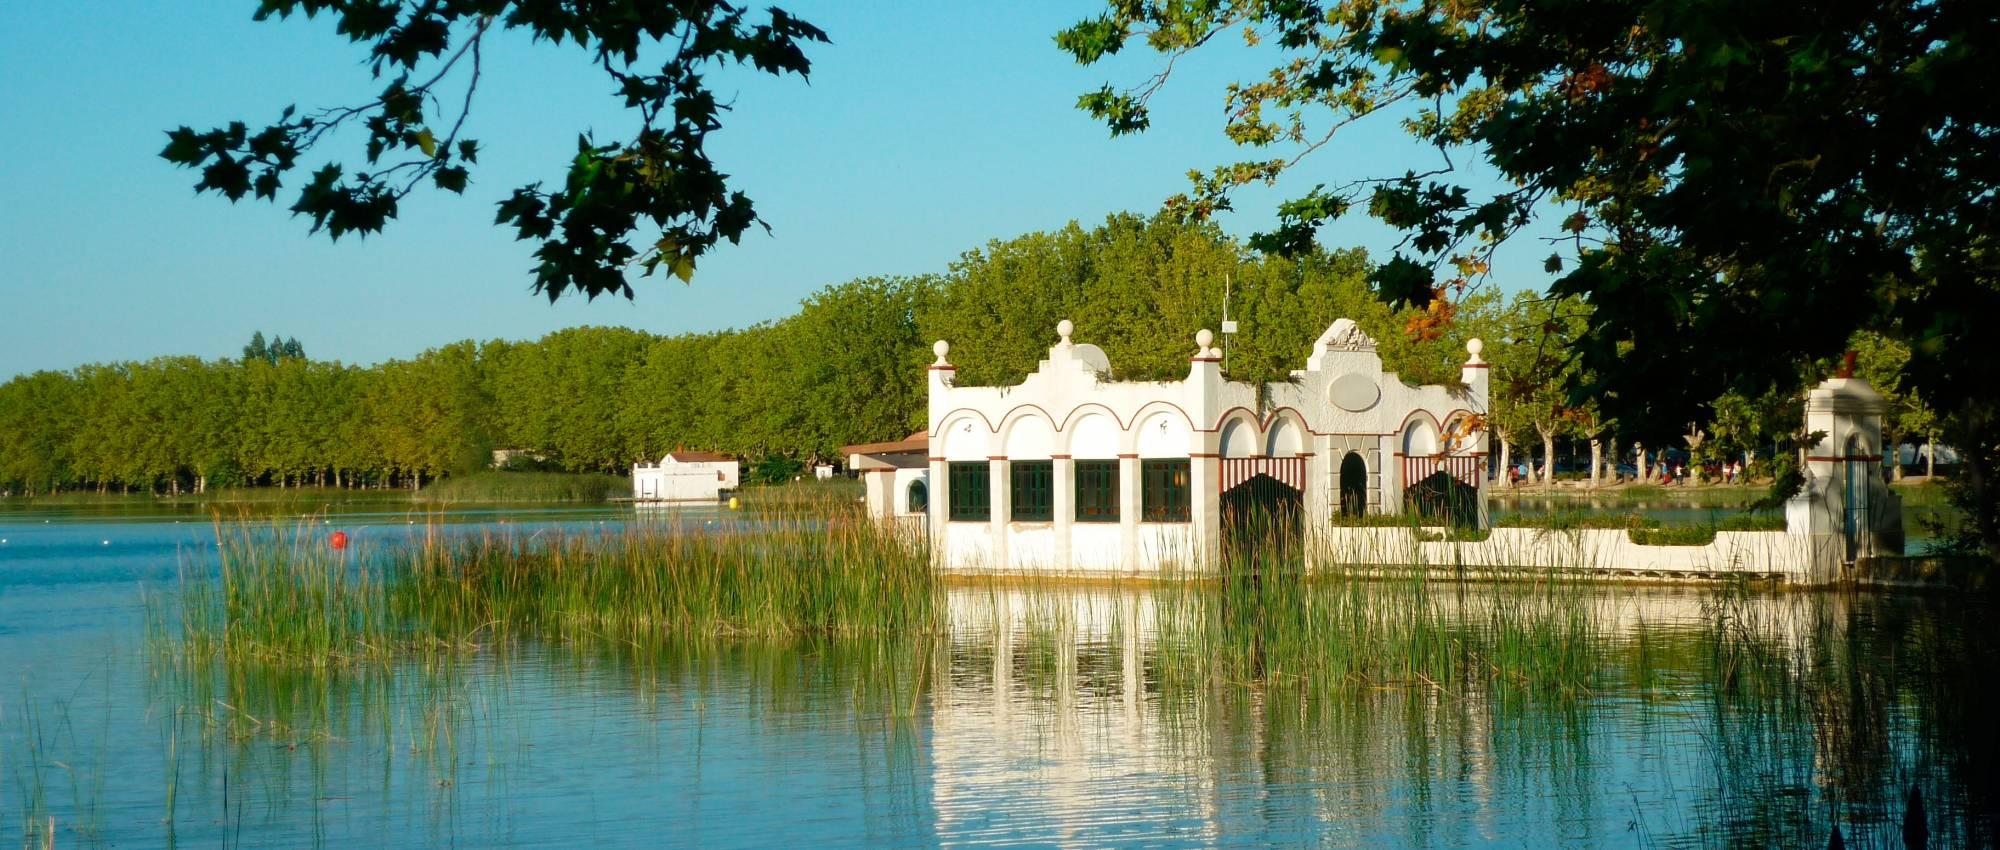 Pesqueras y Paseos de Banyoles | Patrimonio Cultural. Generalitat de ...